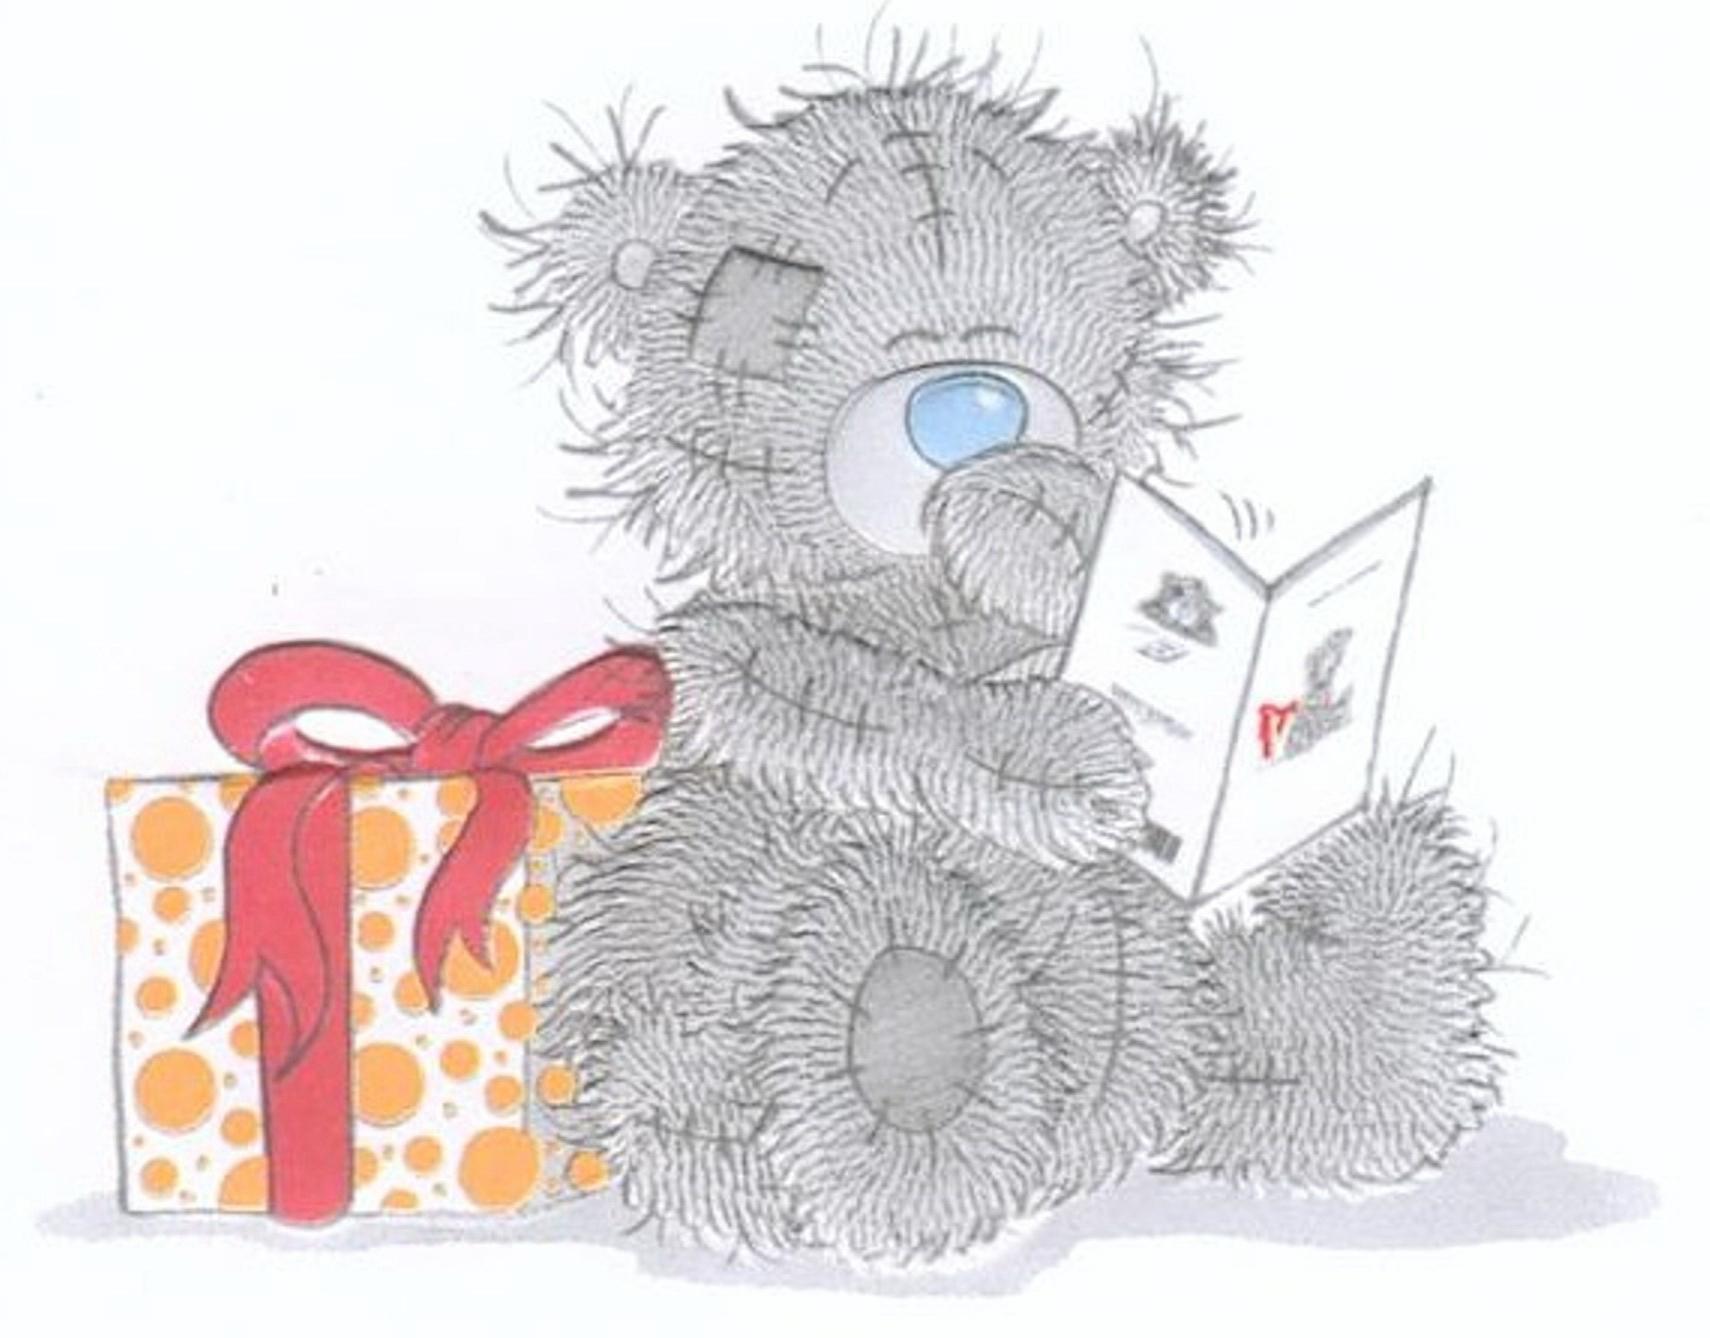 http://e-glins.narod.ru/IMAGE/Teddy.jpg